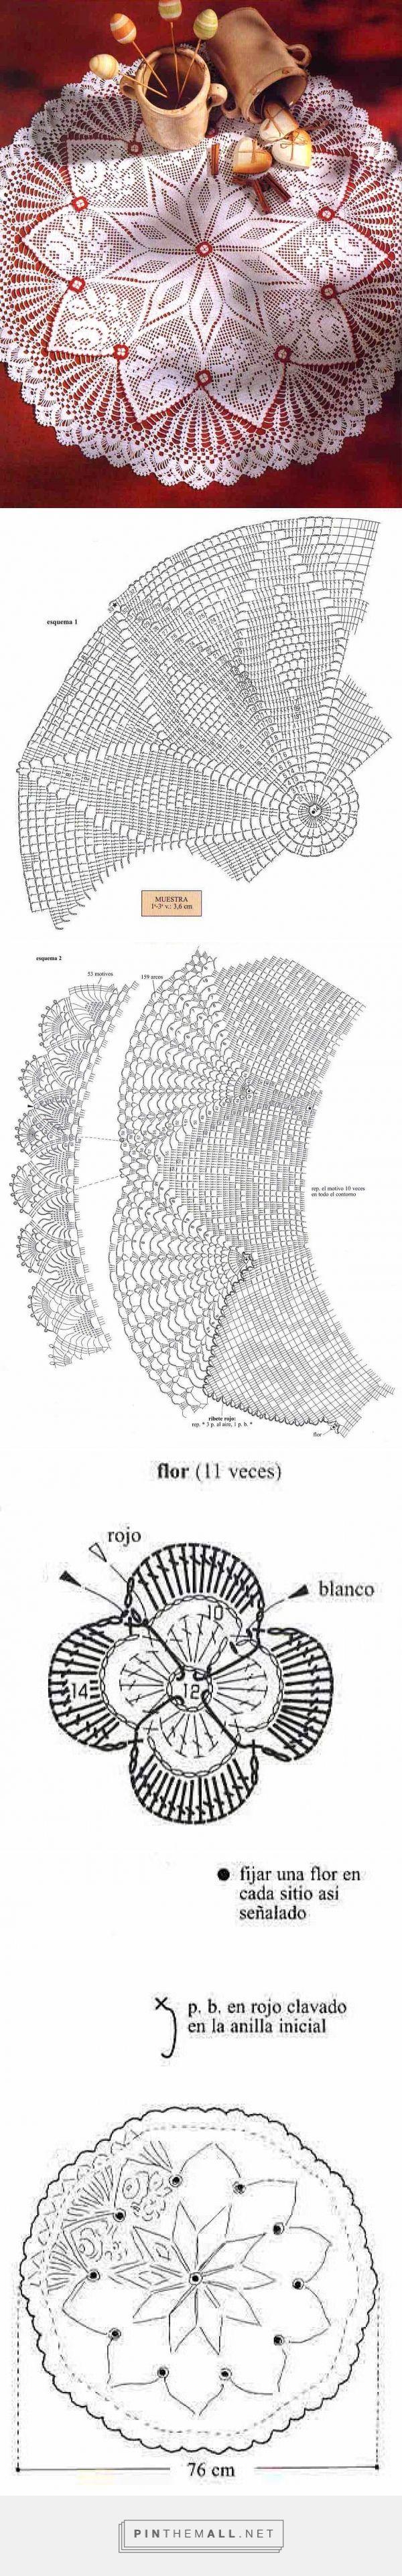 226 best Crochet images on Pinterest | Crocheting patterns, Crochet ...